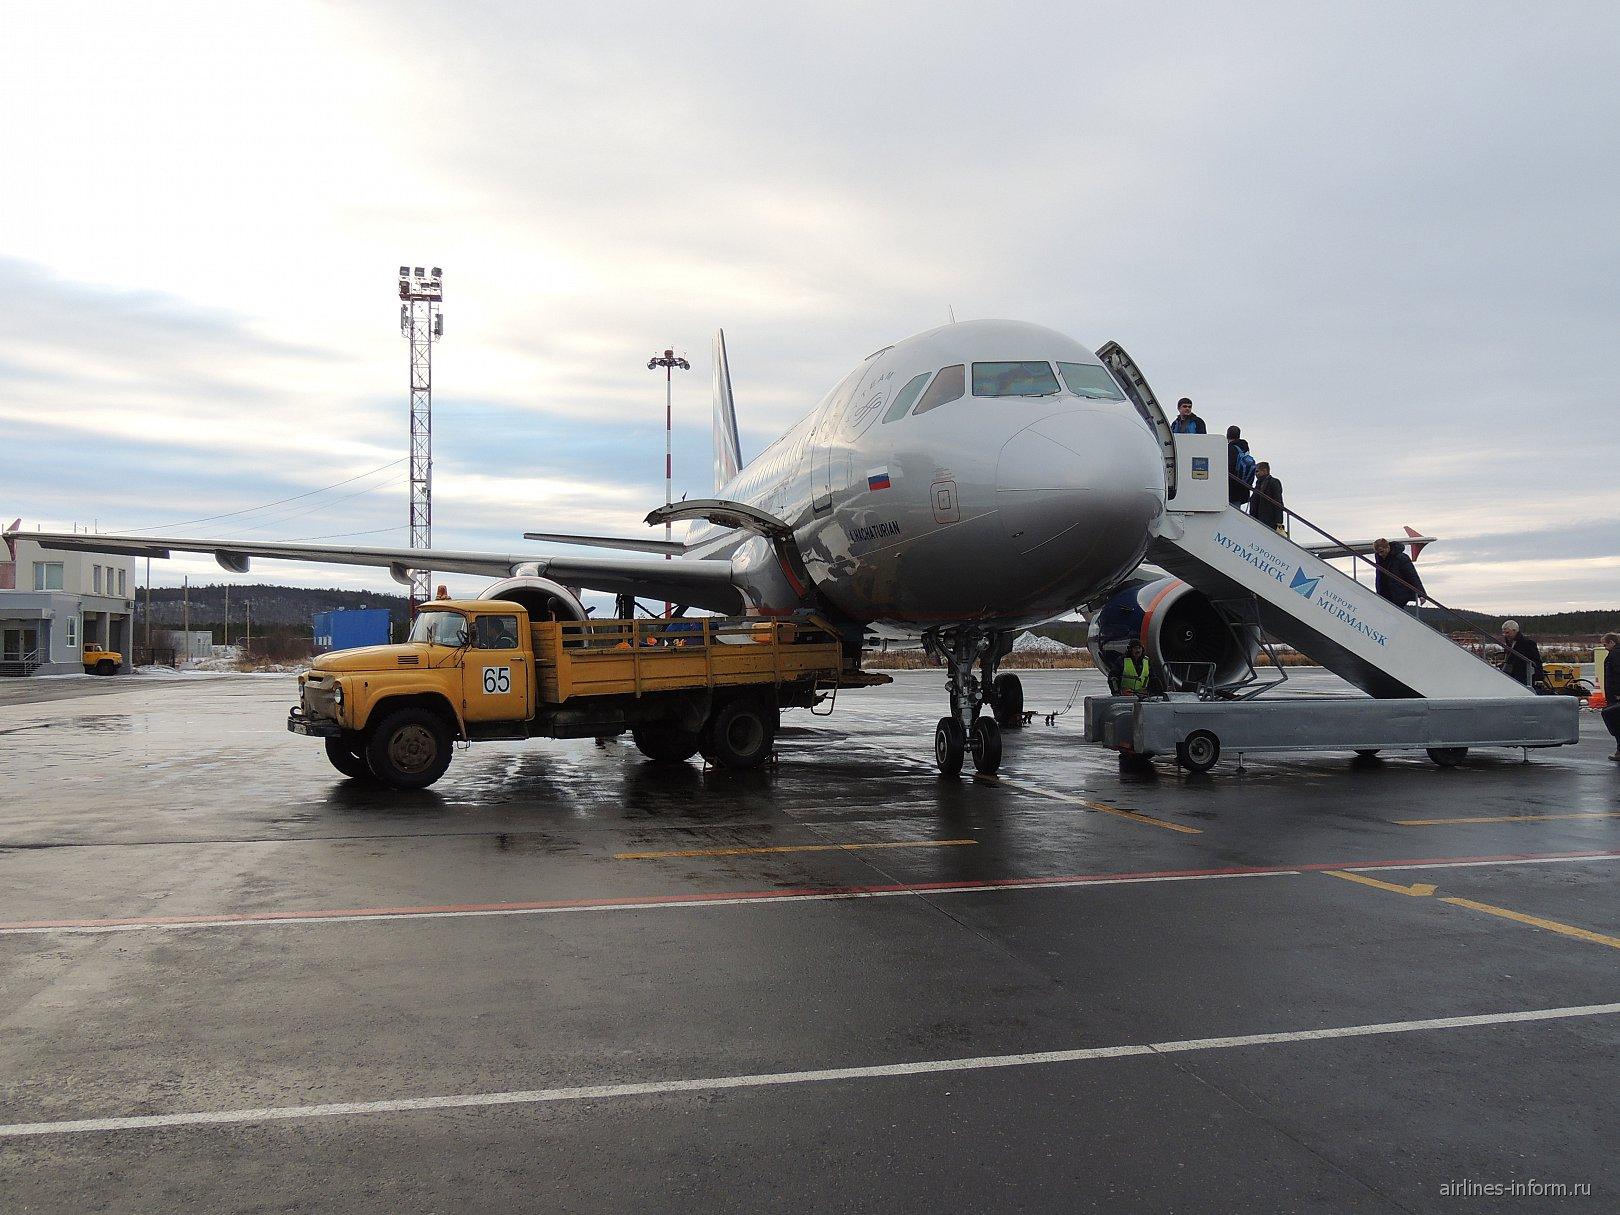 Посадка пассажиров и загрузка багажа в самолет Airbus A319 в Мурманске